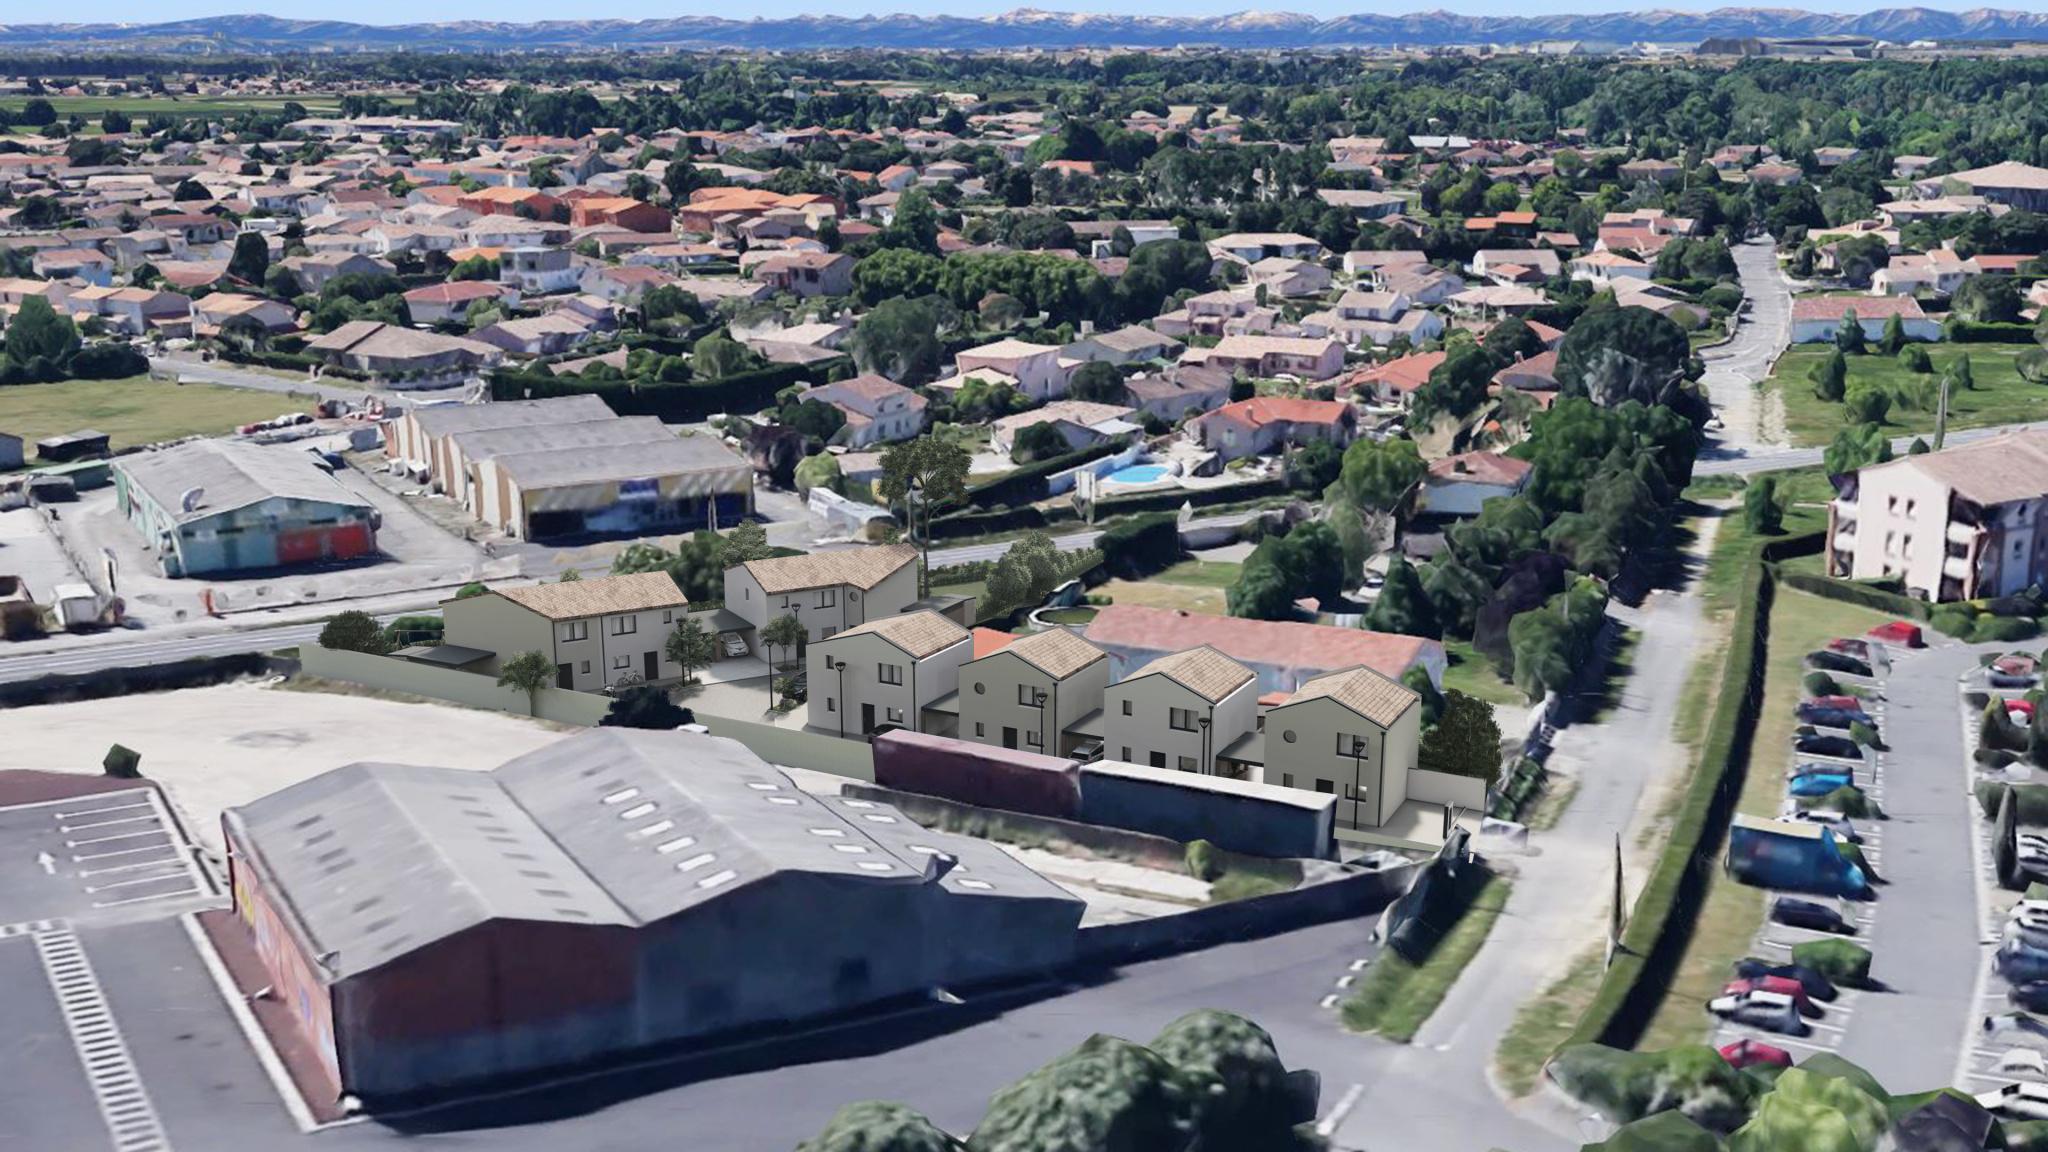 Programme neuf maison à Gagnac sur garonne (31150) de 67.94 m2 habitable sur terrain de  m2